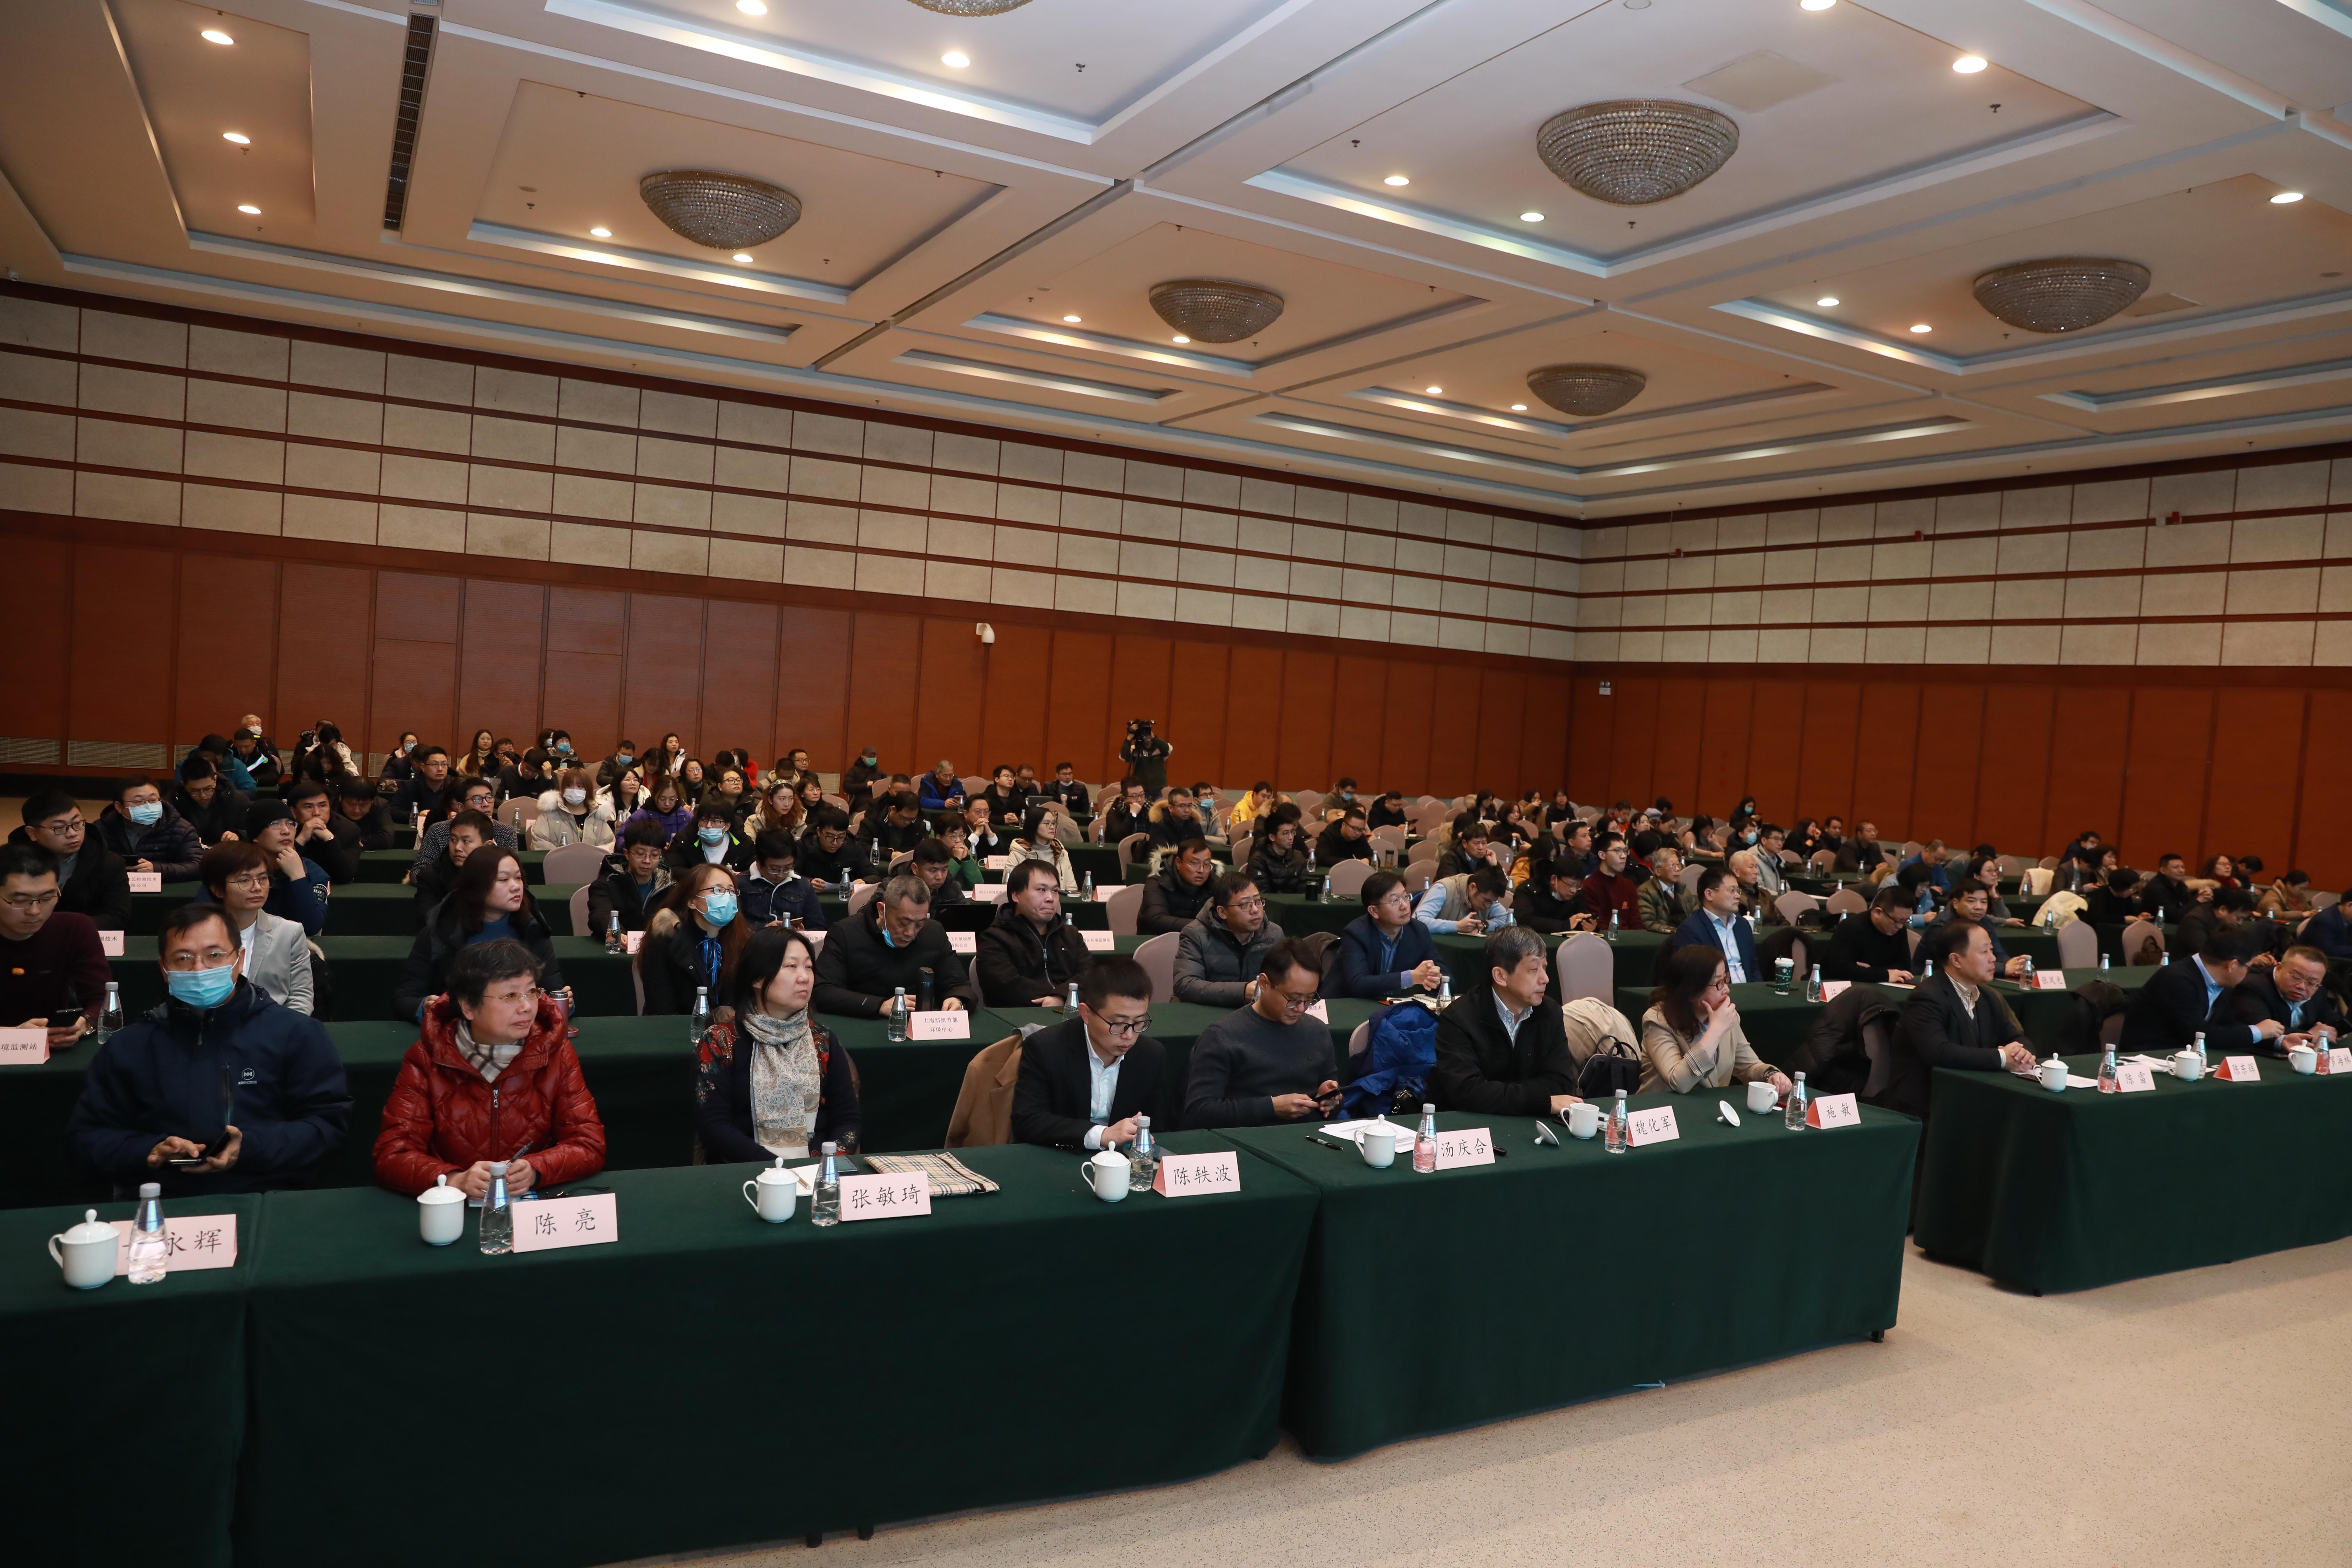 上海市环境科学学会2020年学术年会顺利召开